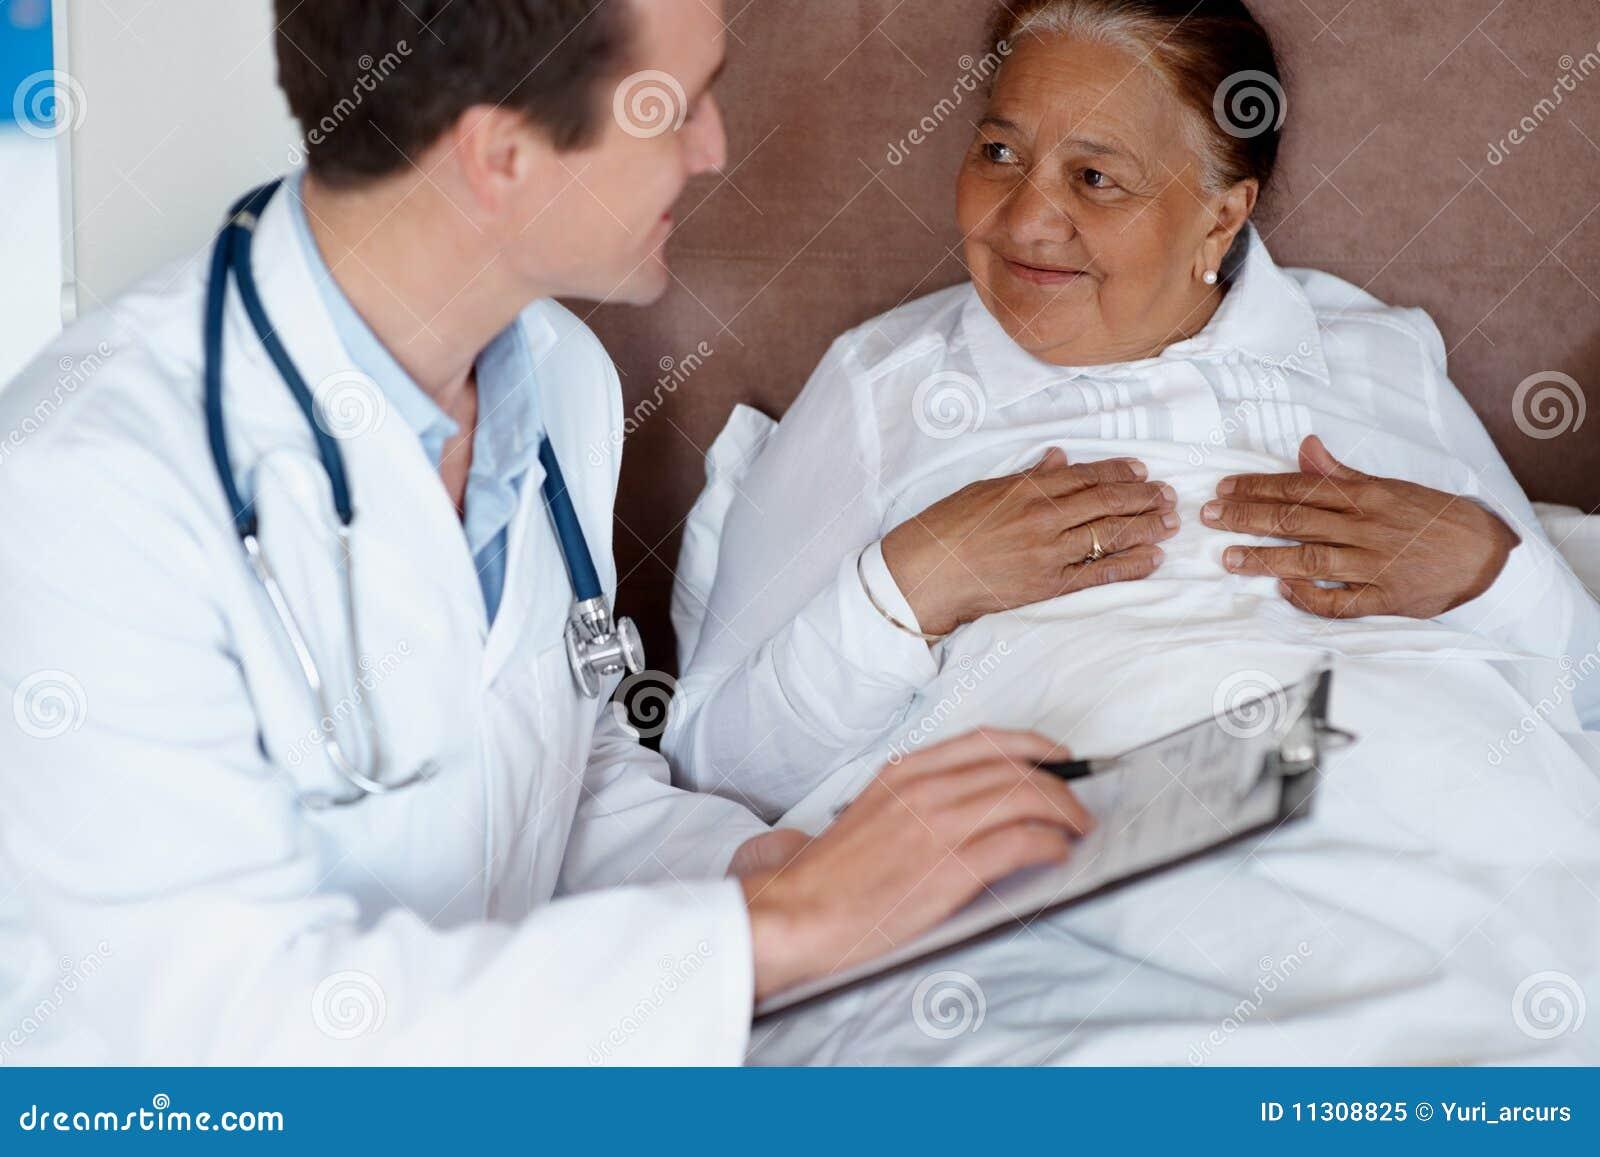 nurse oldandyoung